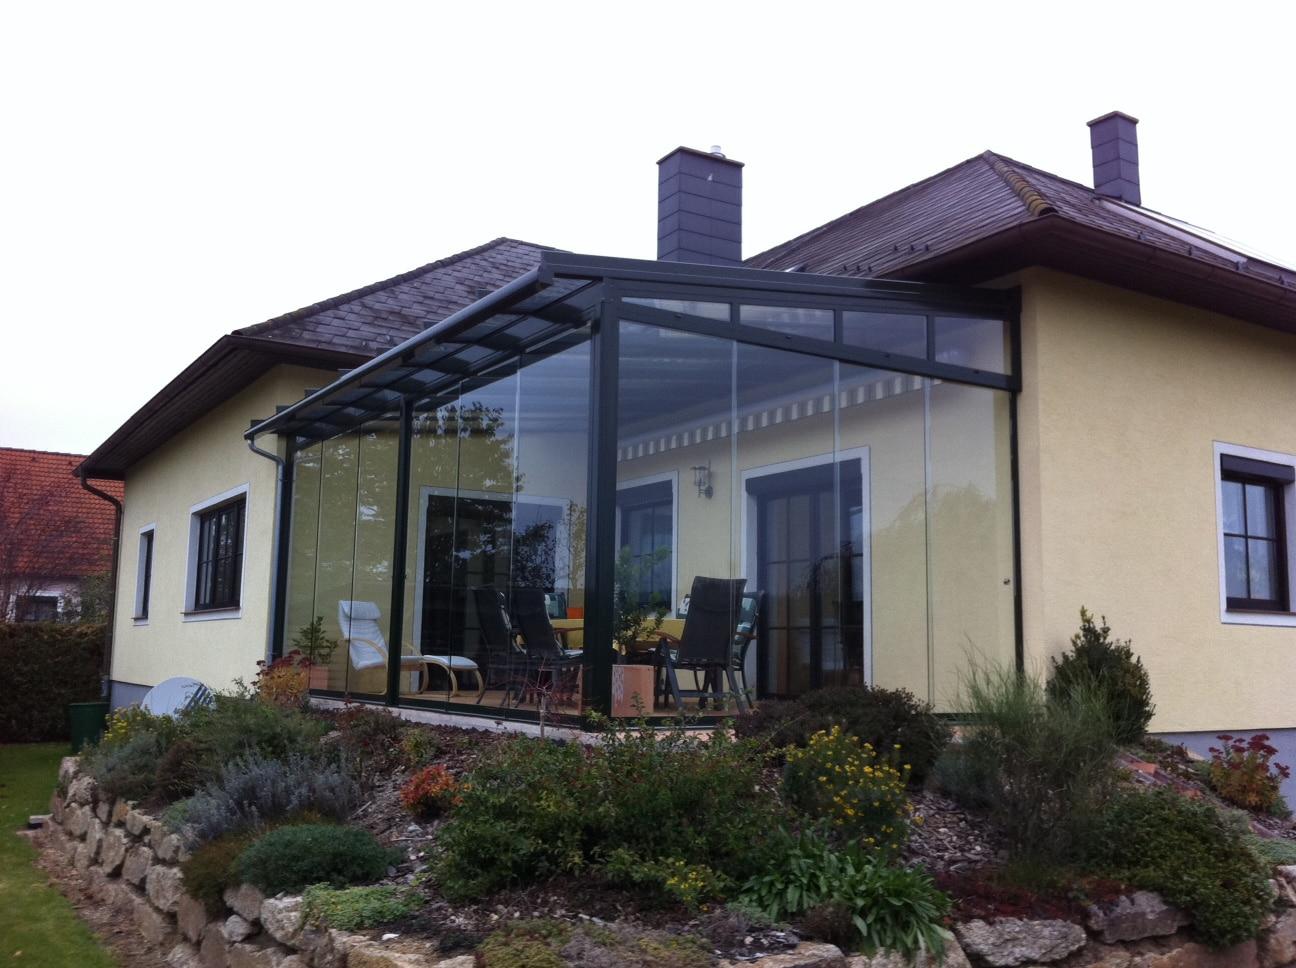 Wintergarten mit Sunflex SF 20 Ganzglas-Schiebe-System